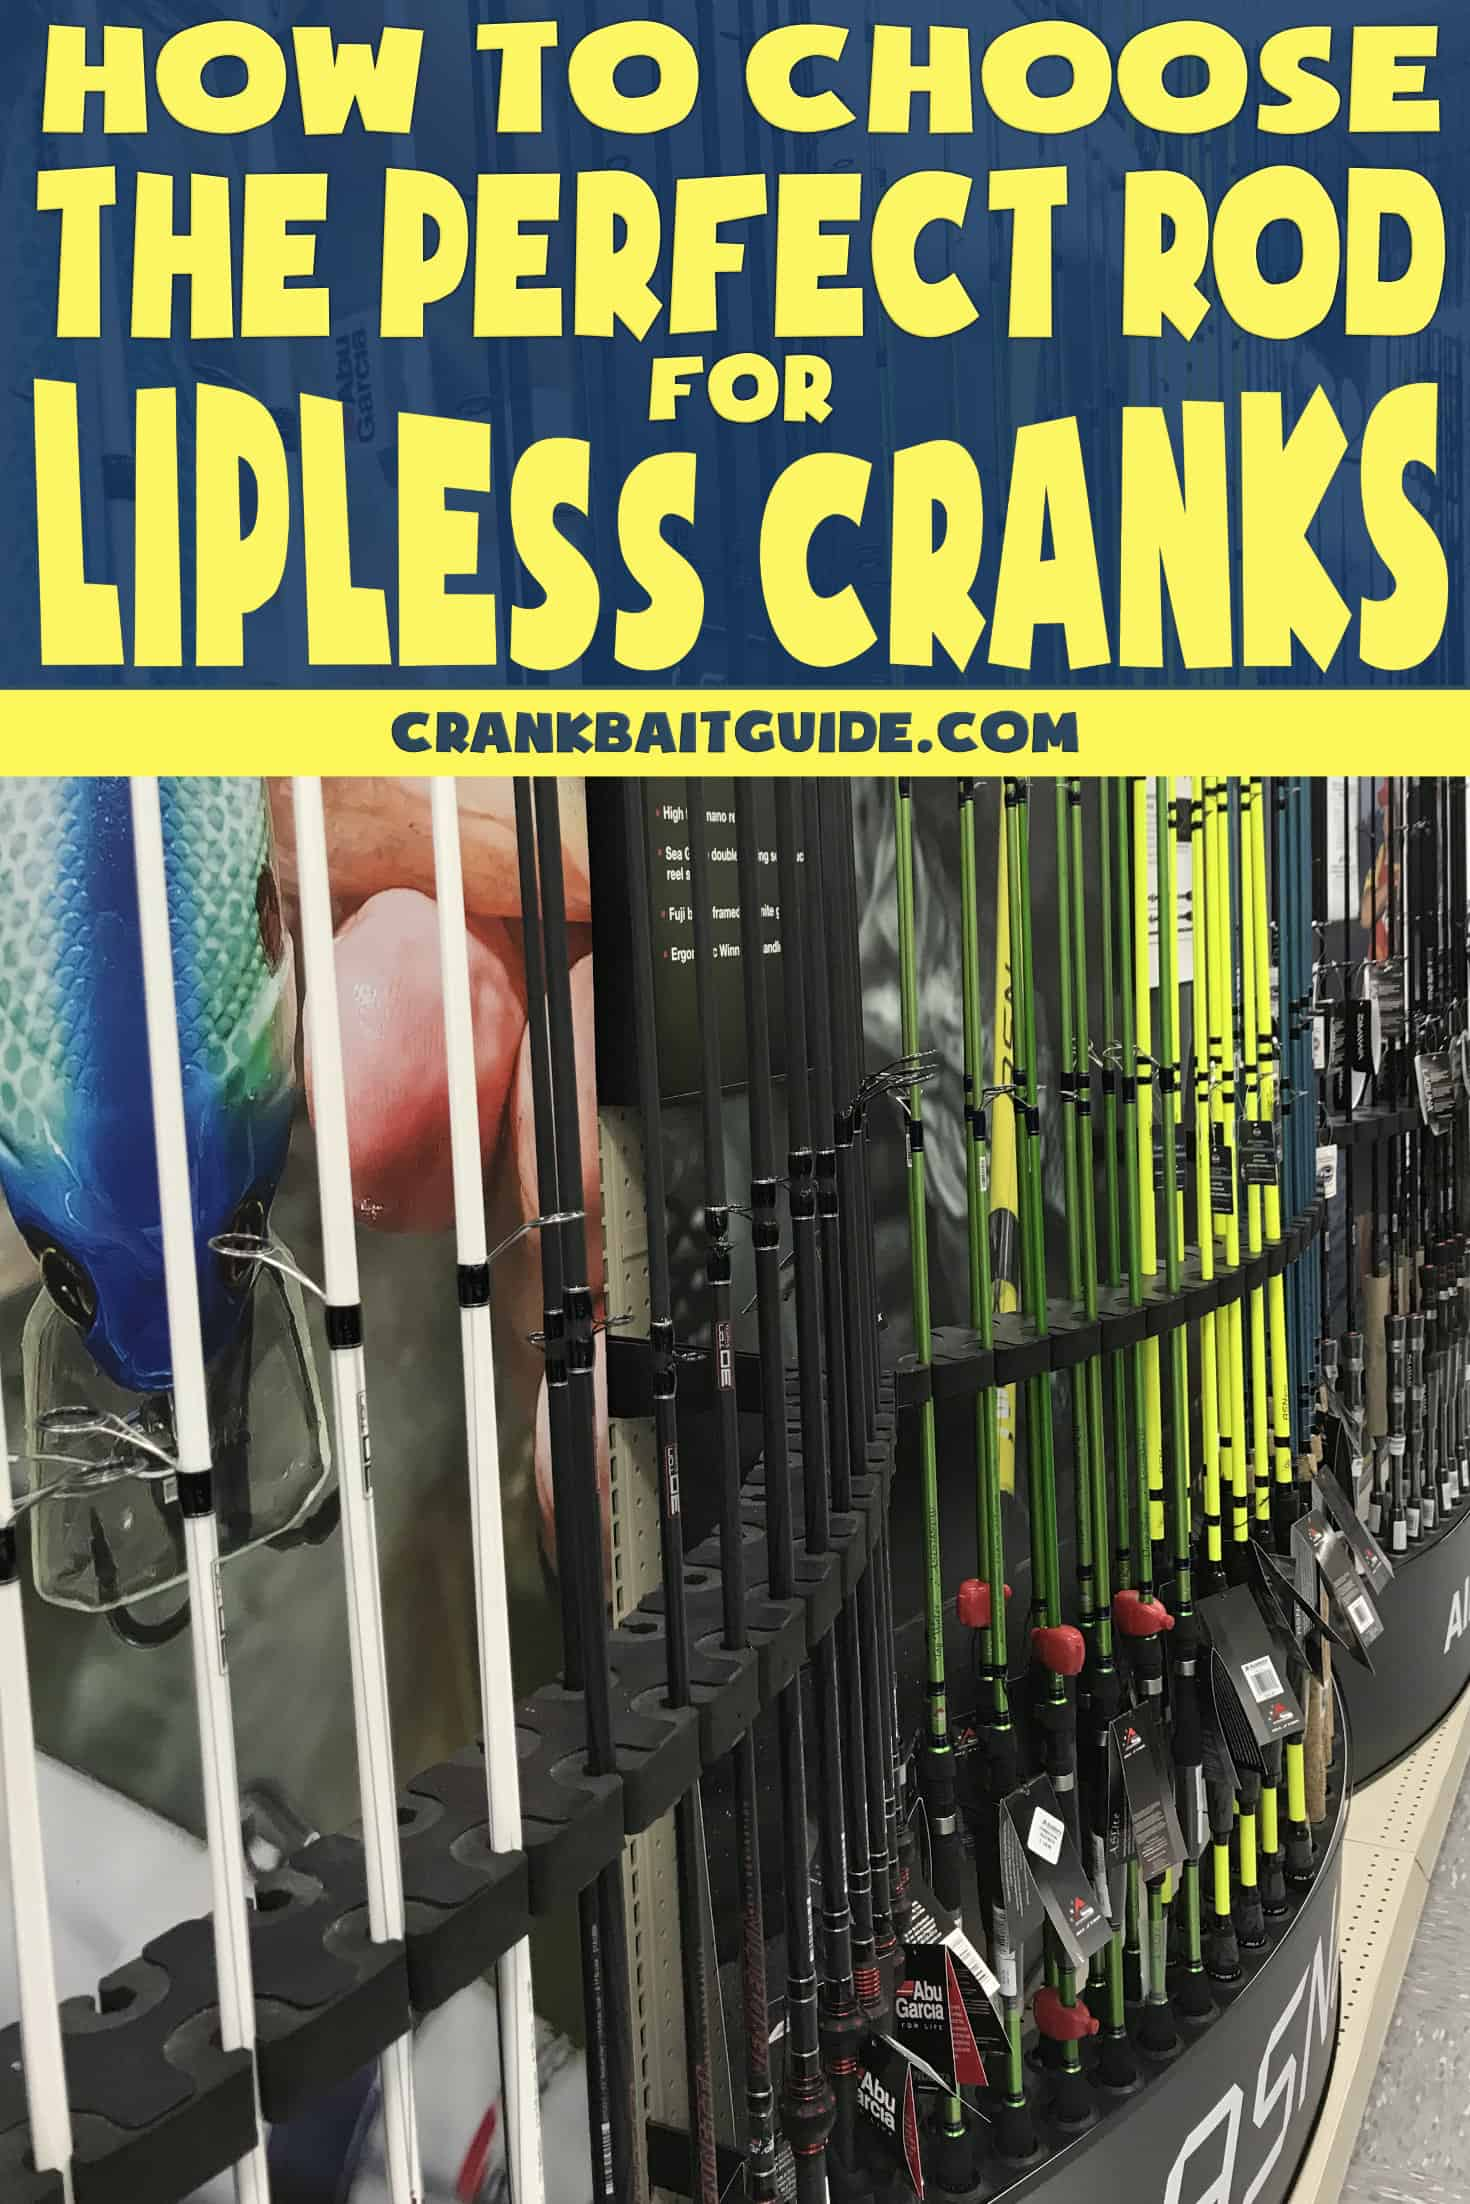 Choose-perfect-crankbait-rod-for-lipless-cranks - Crankbait